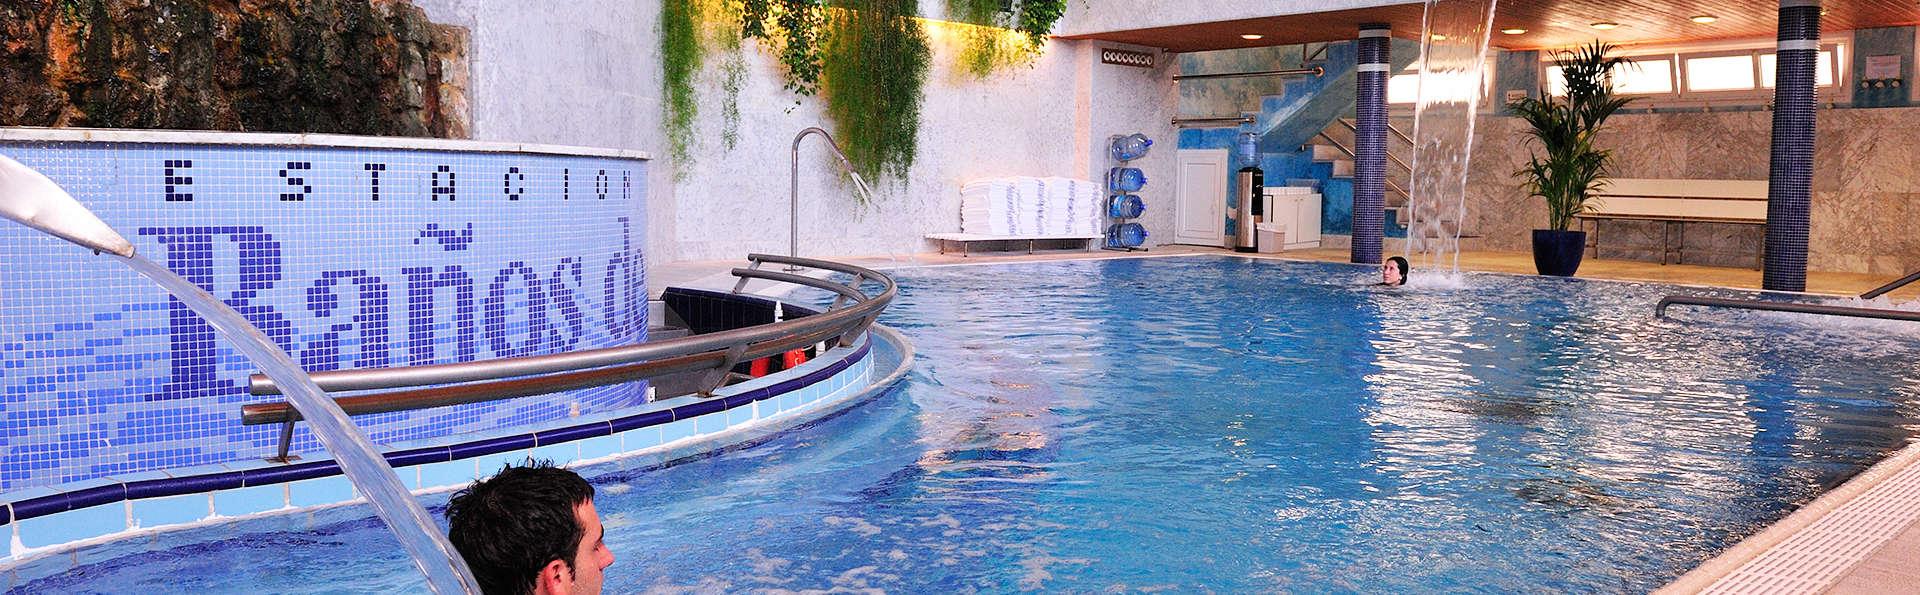 Mini-vacances : découvrez le balneario de Fitero au meilleur prix (à partir de 4 nuits)